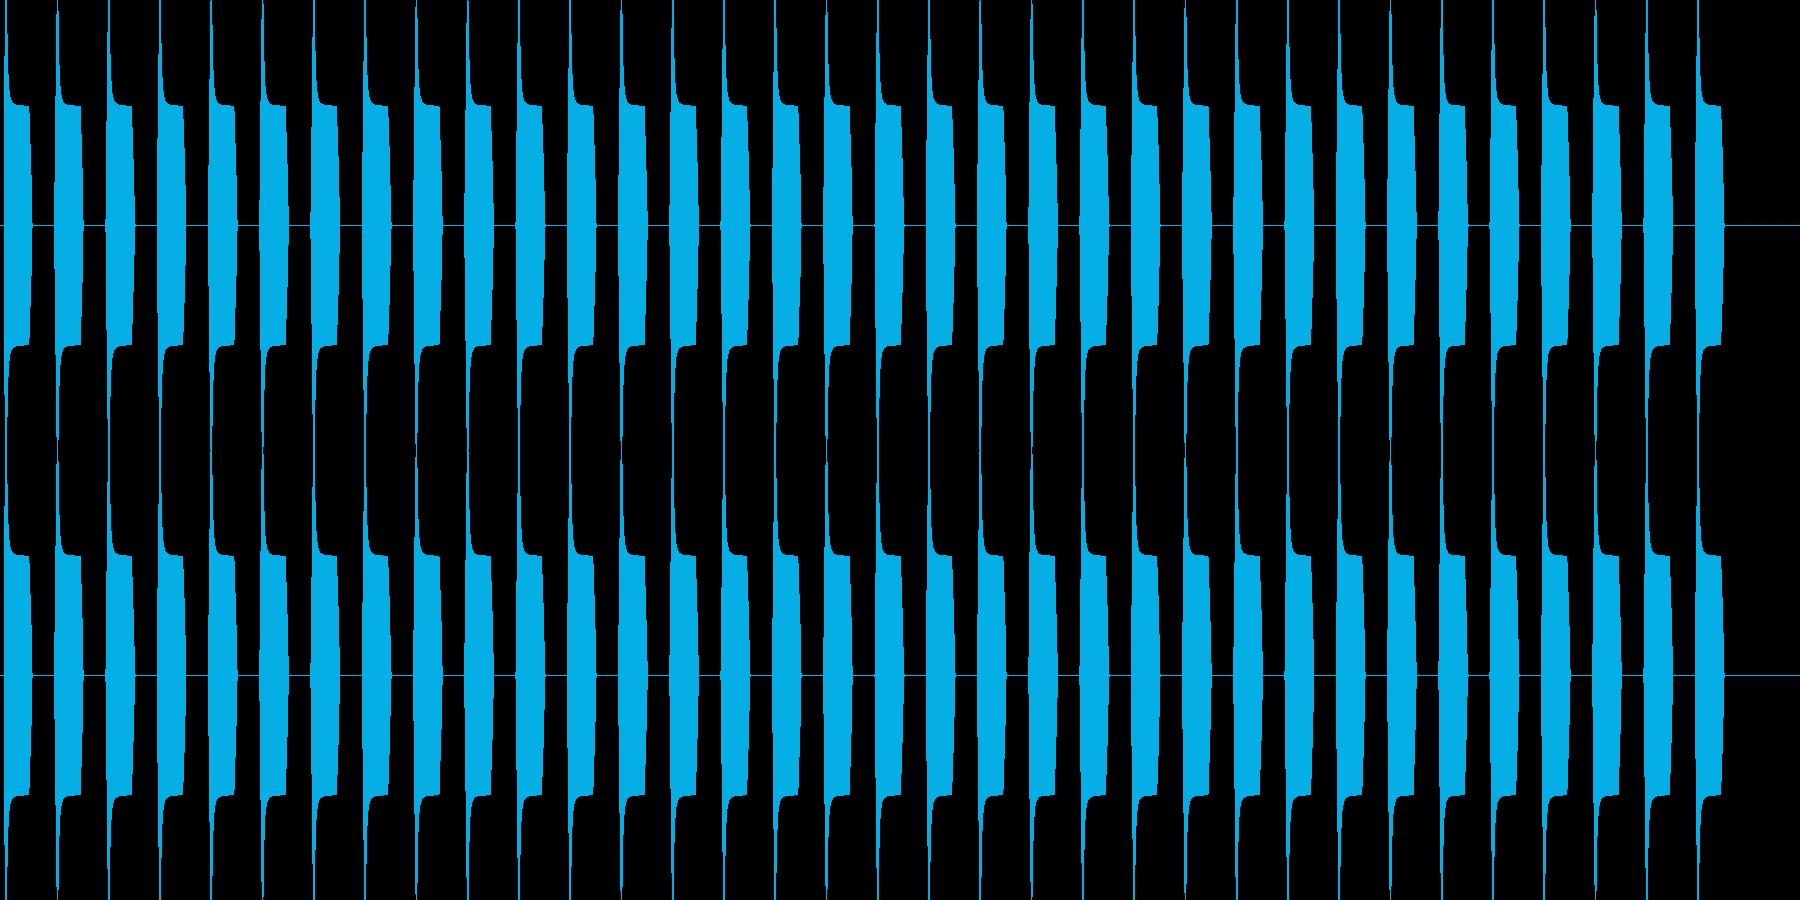 ブーブー な警告音 緊急連絡 アラーム3の再生済みの波形